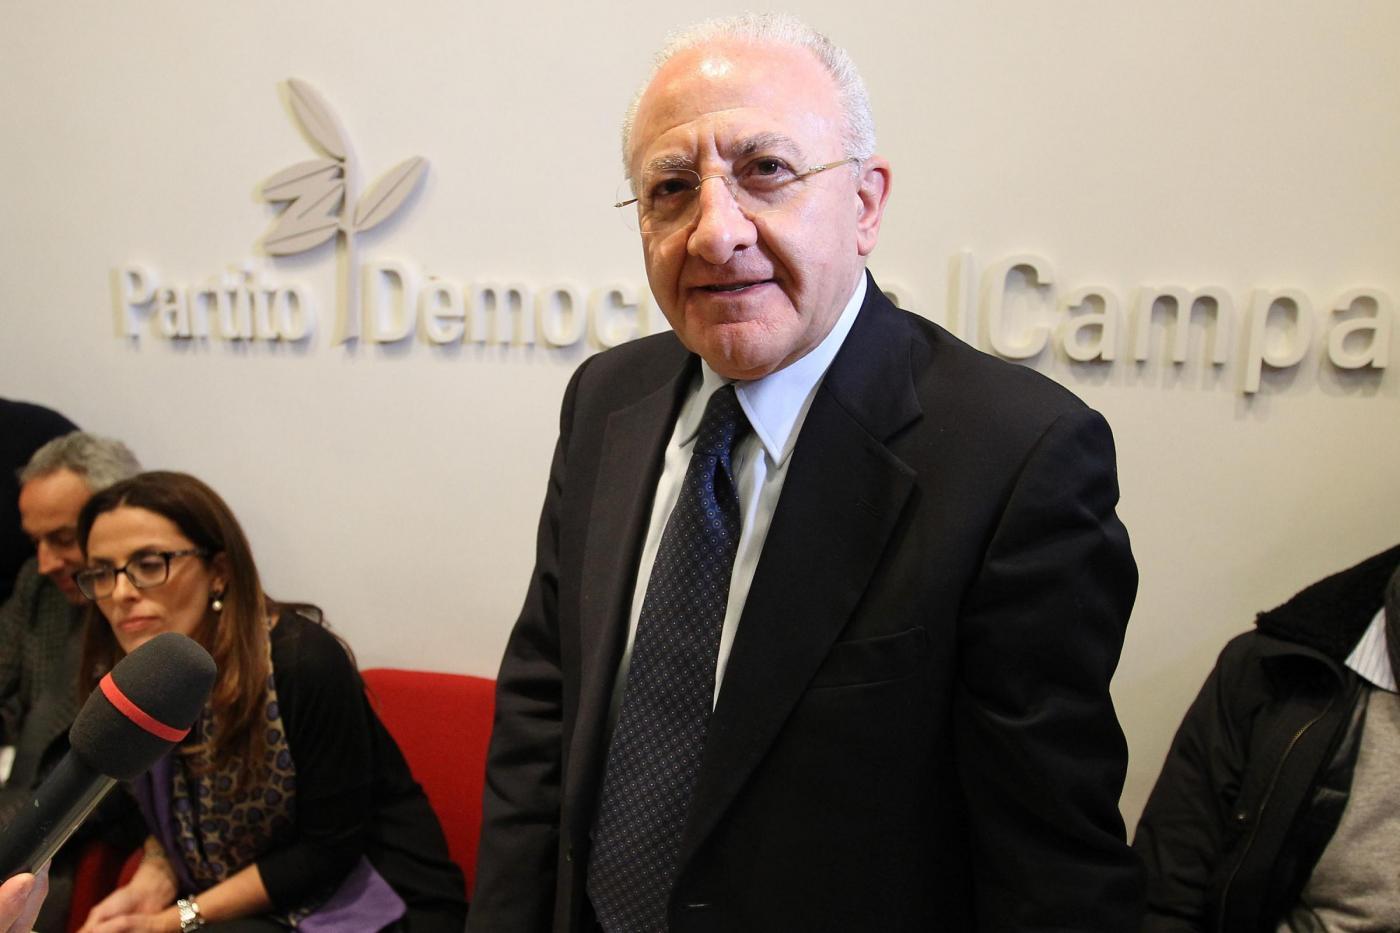 Primarie PD Campania 2015: De Luca sarà il candidato alle regionali